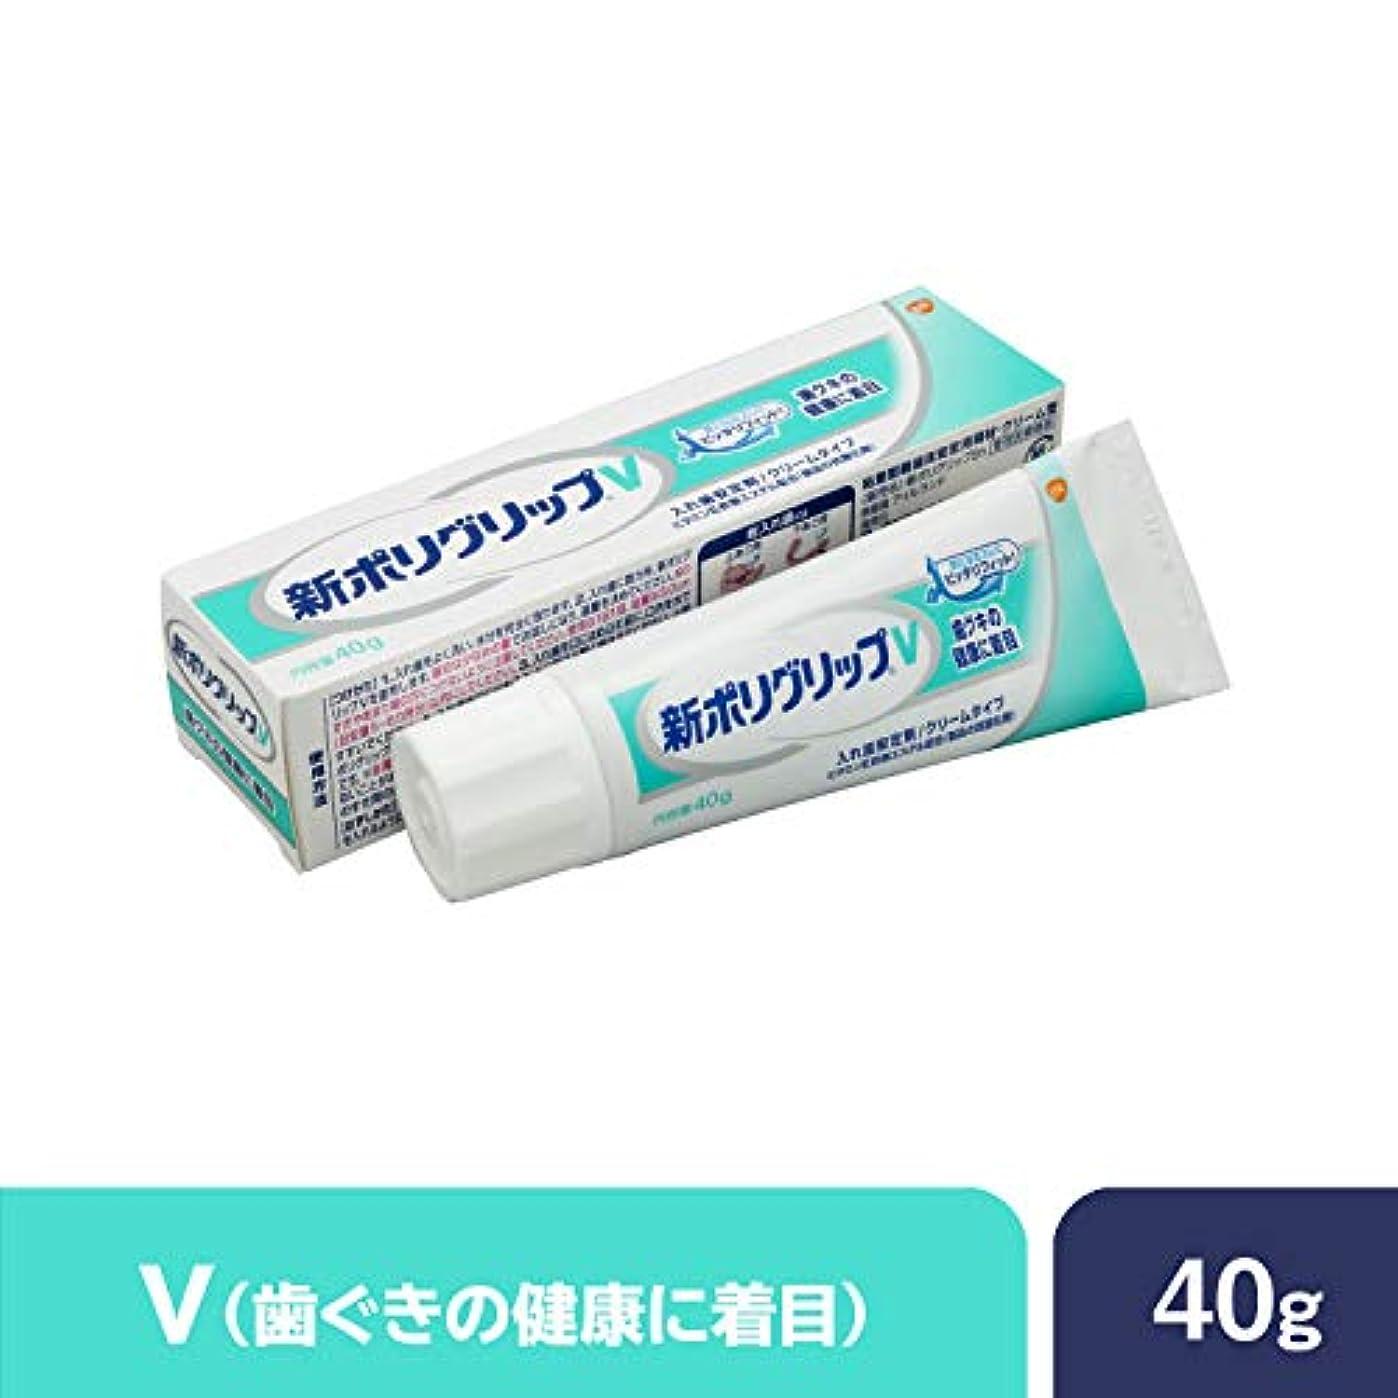 ストライドカートン投獄部分?総入れ歯安定剤 新ポリグリップ V(歯グキの健康に着目) 40g